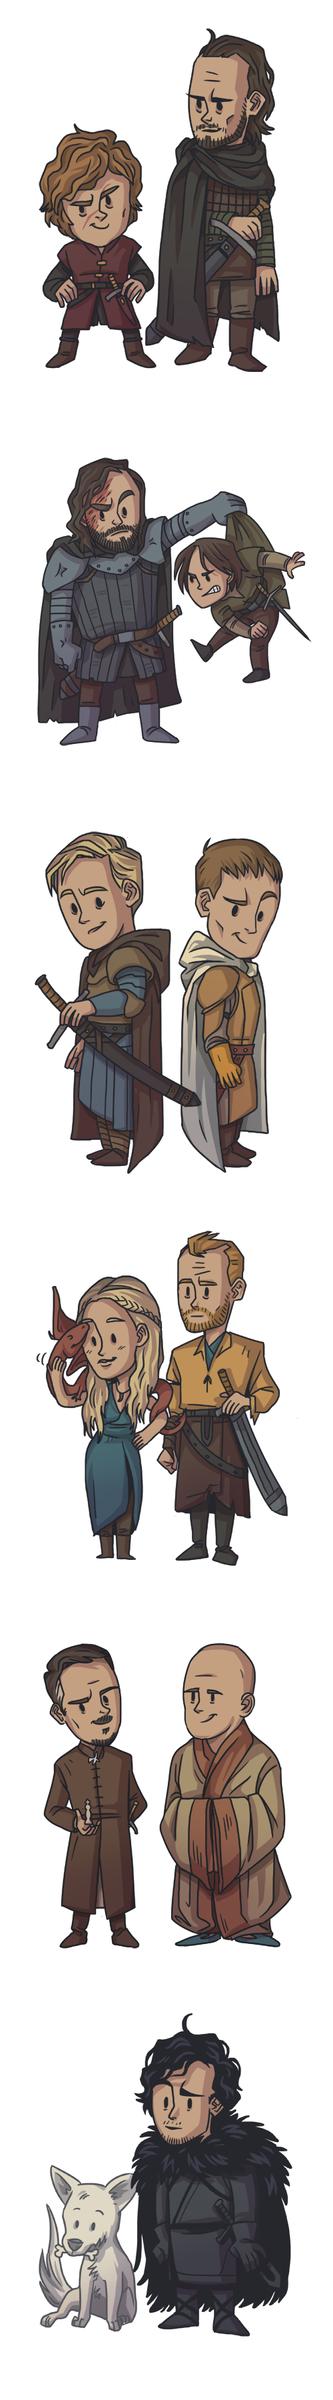 GOT Characters by ekzotik